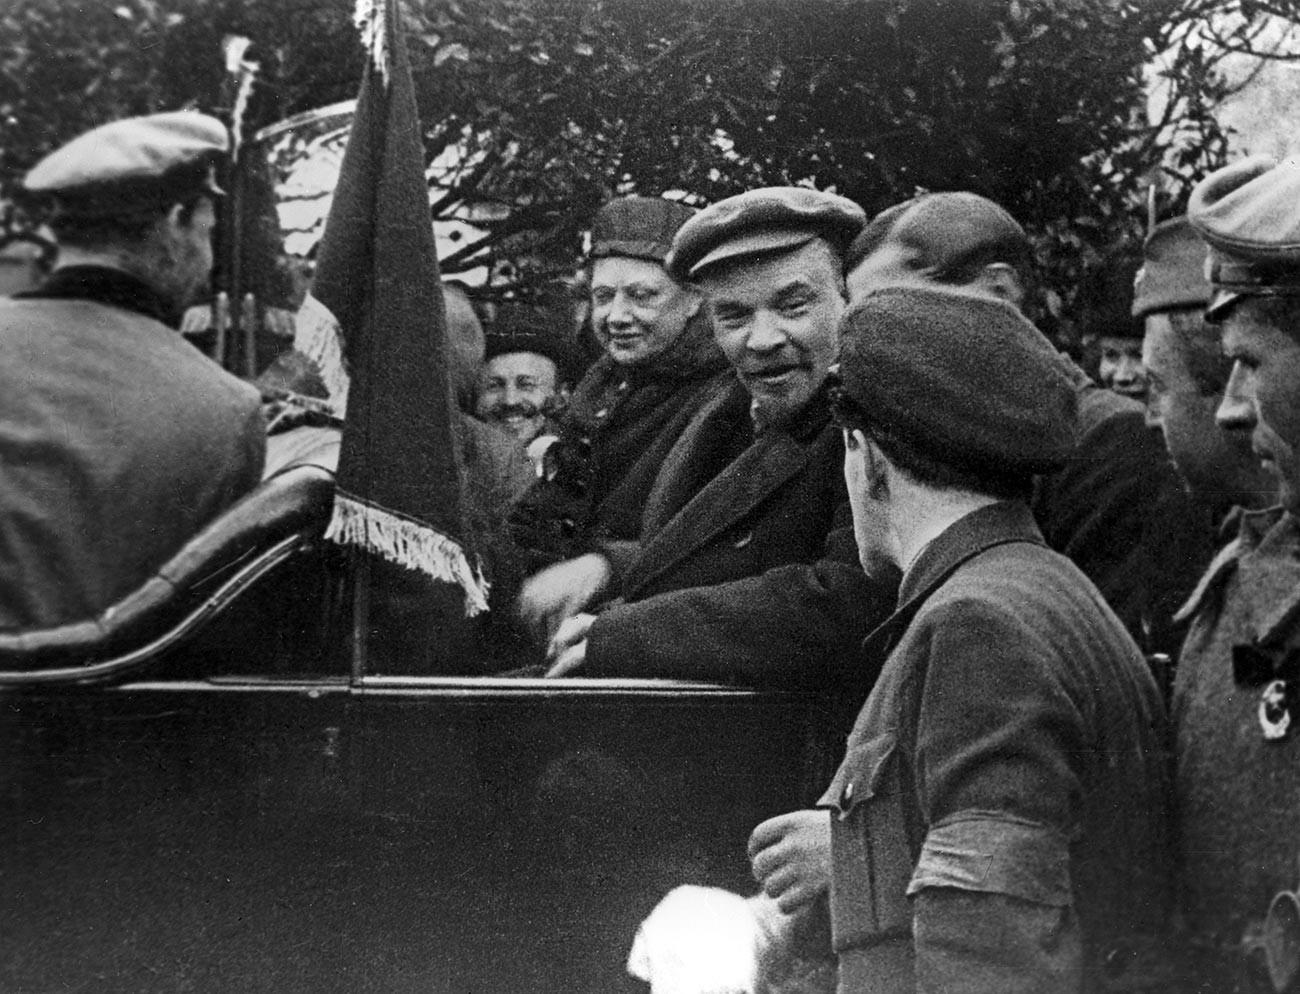 Lénine et Kroupskaïa en voiture sur la place Rouge le 1 mai 1919